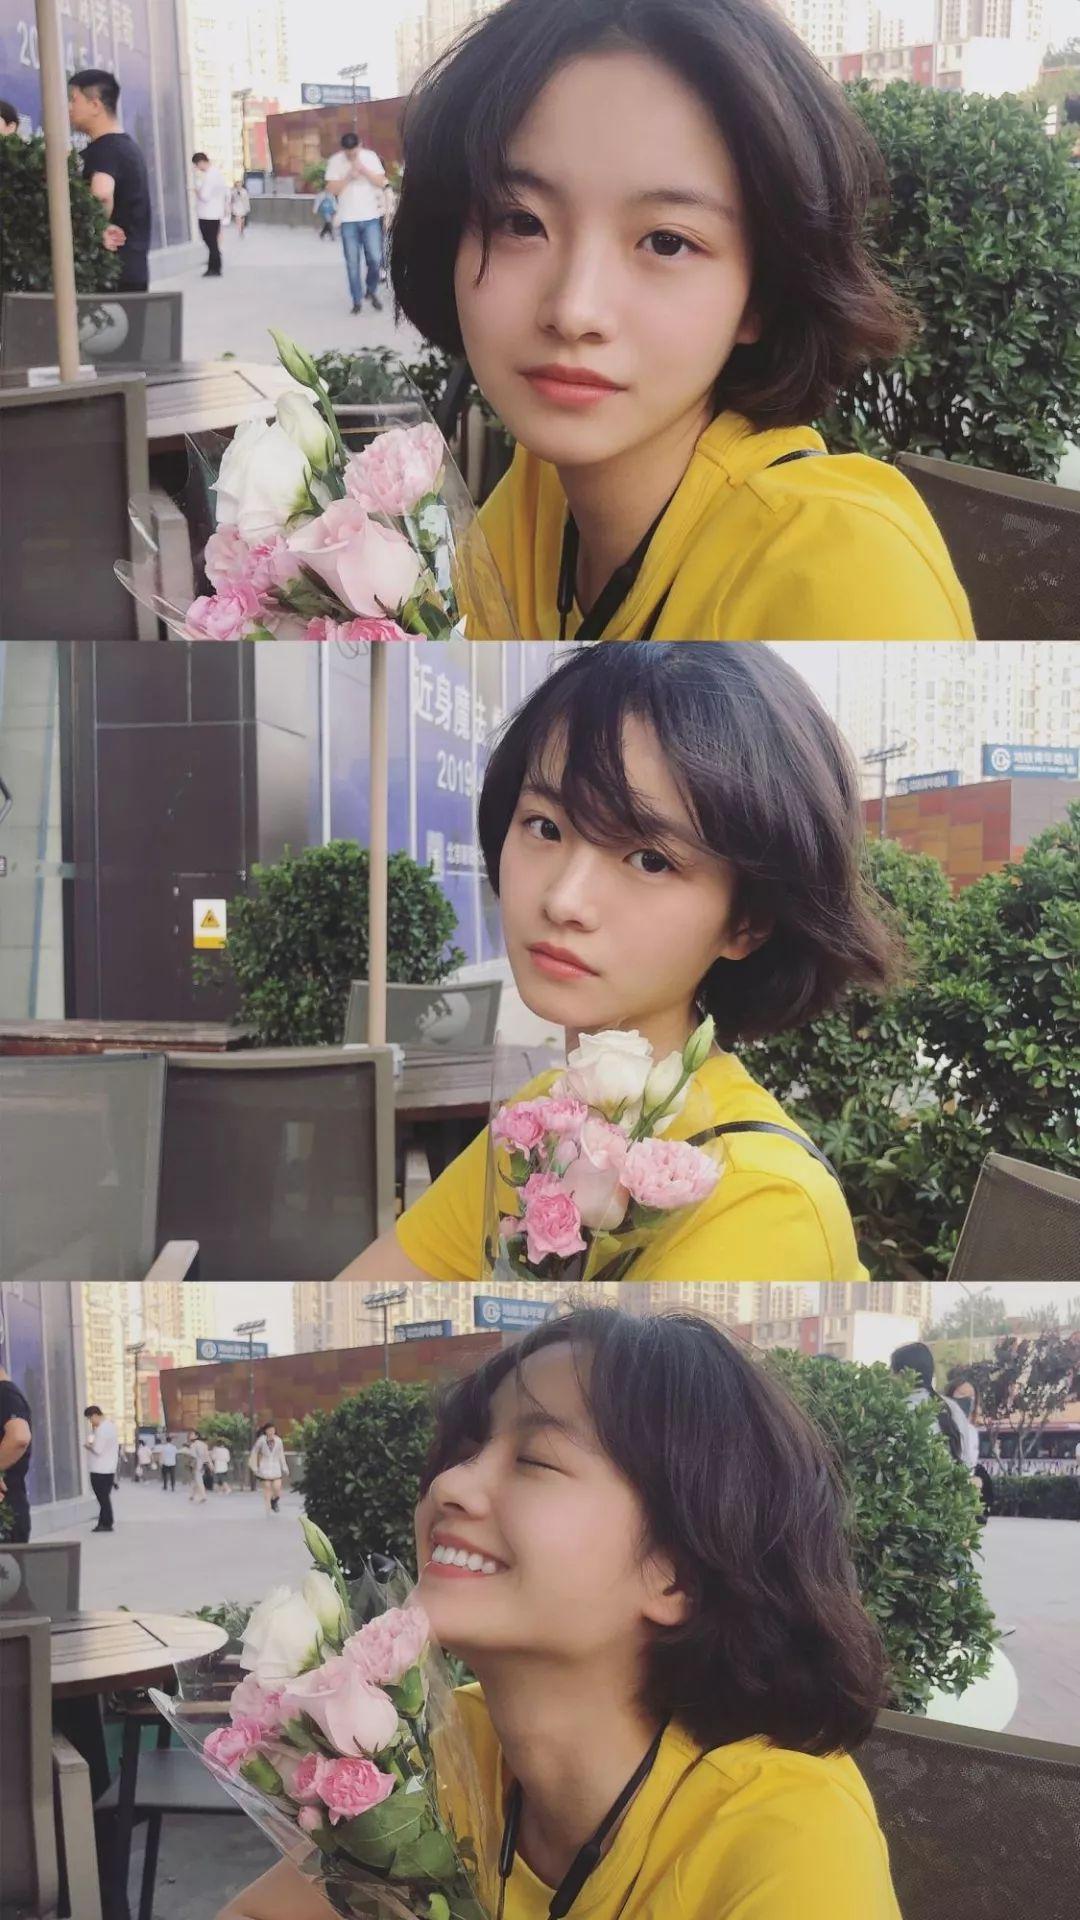 【李庚希壁纸】爱笑女孩